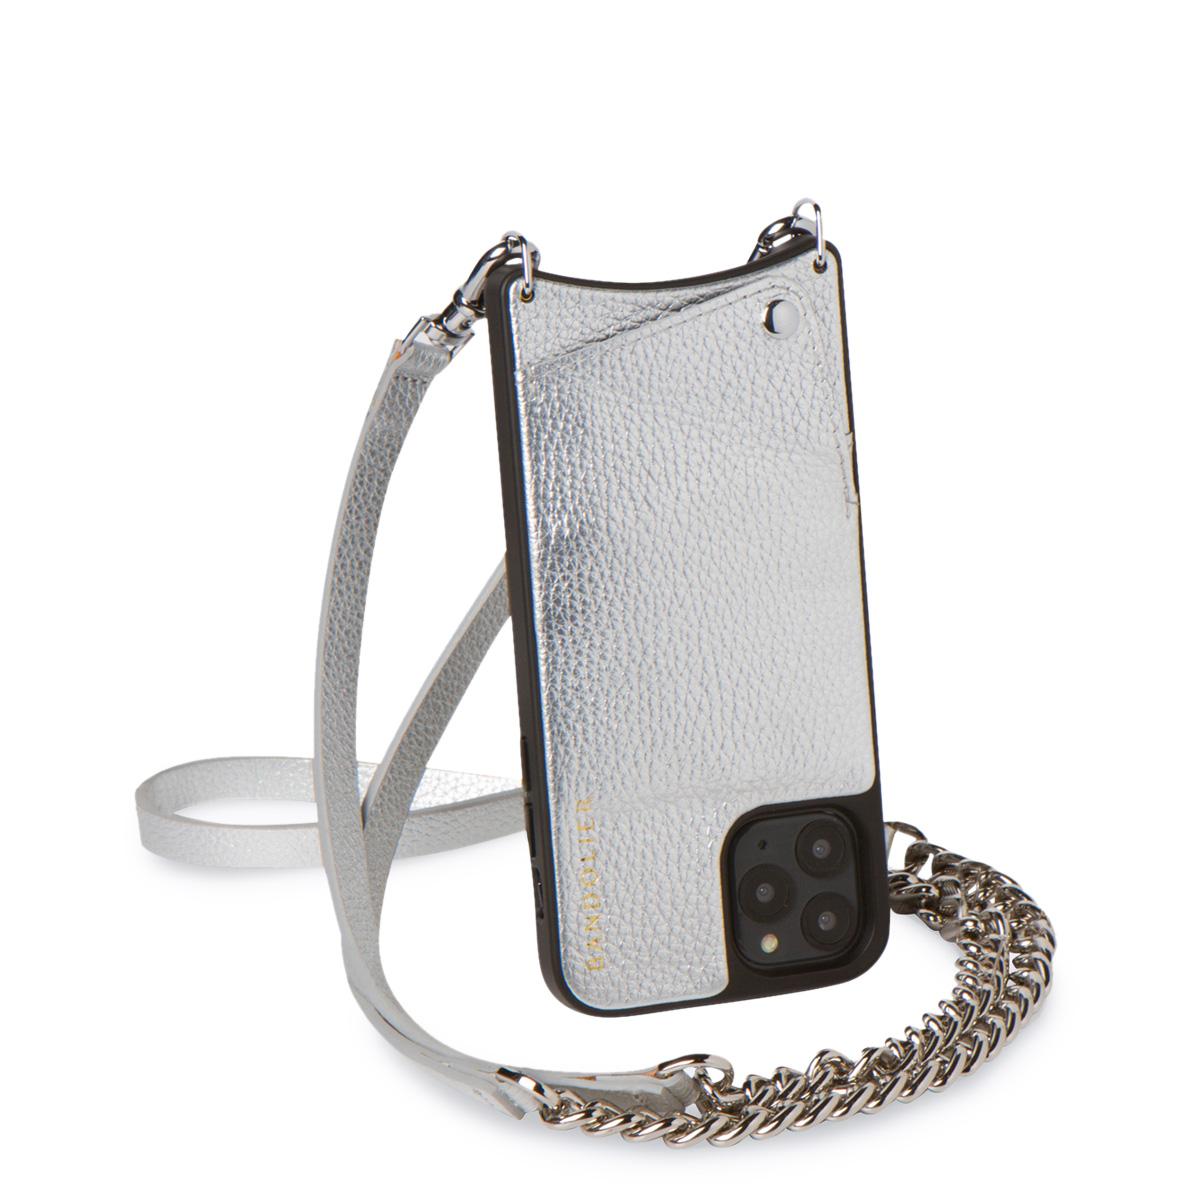 BANDOLIER LEXI RICH SILVER バンドリヤー iPhone11 ケース スマホ 携帯 ショルダー アイフォン レクシー メンズ レディース シルバー 10LEX [5/27 新入荷]